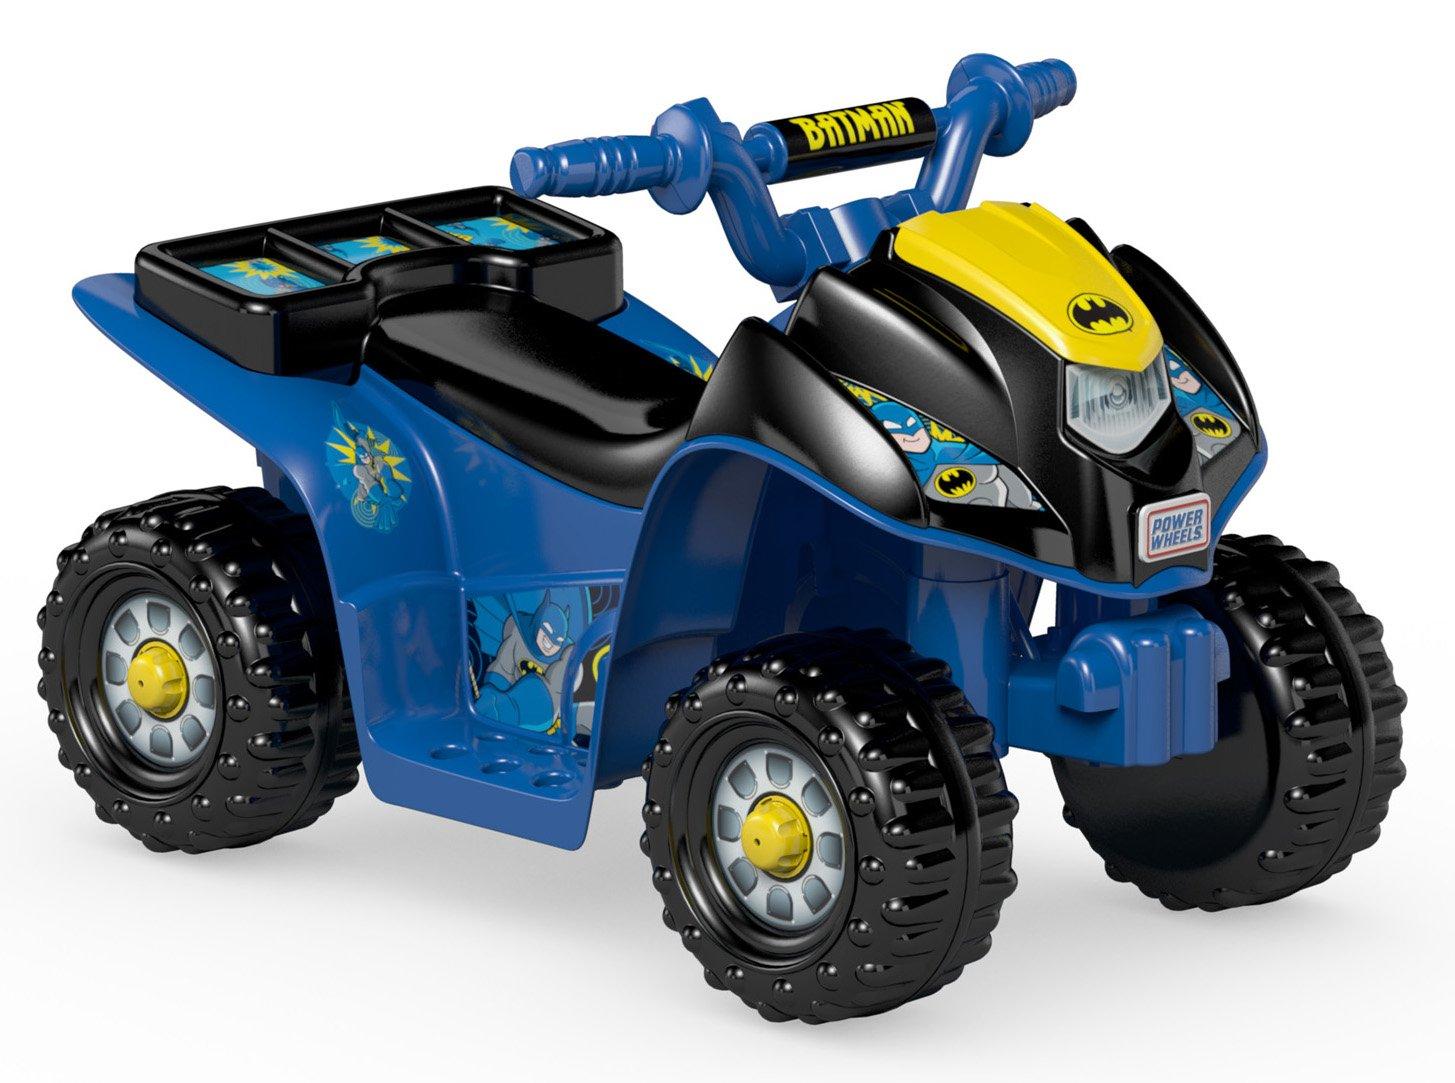 Coolest Batman Toys : Cool fisher price batman toys best online toy shop